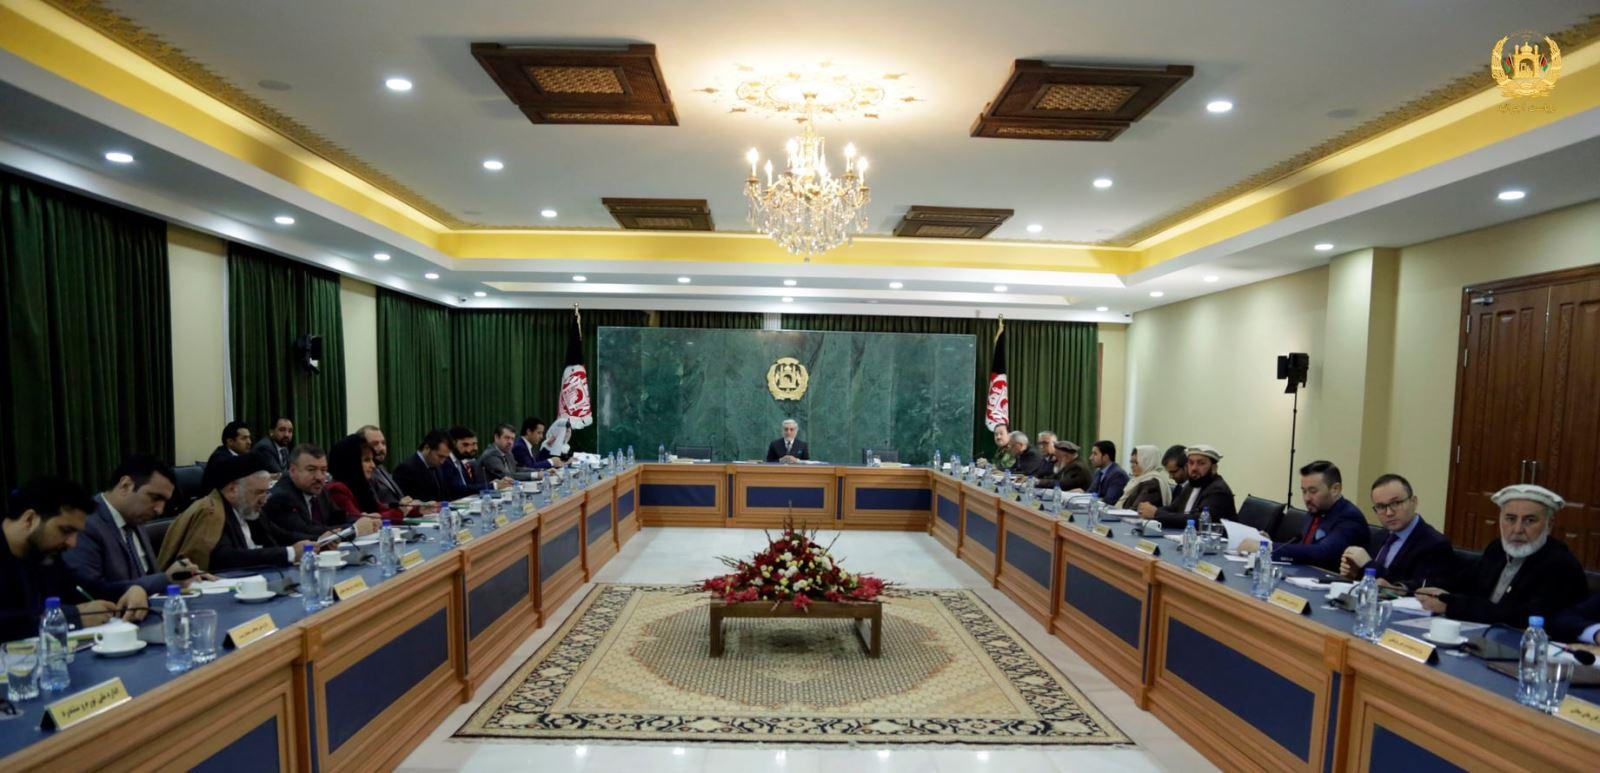 رییس اجراییه: افغانستان باید در آیندۀ نزدیک به خودکفایی اقتصادی دست یابد